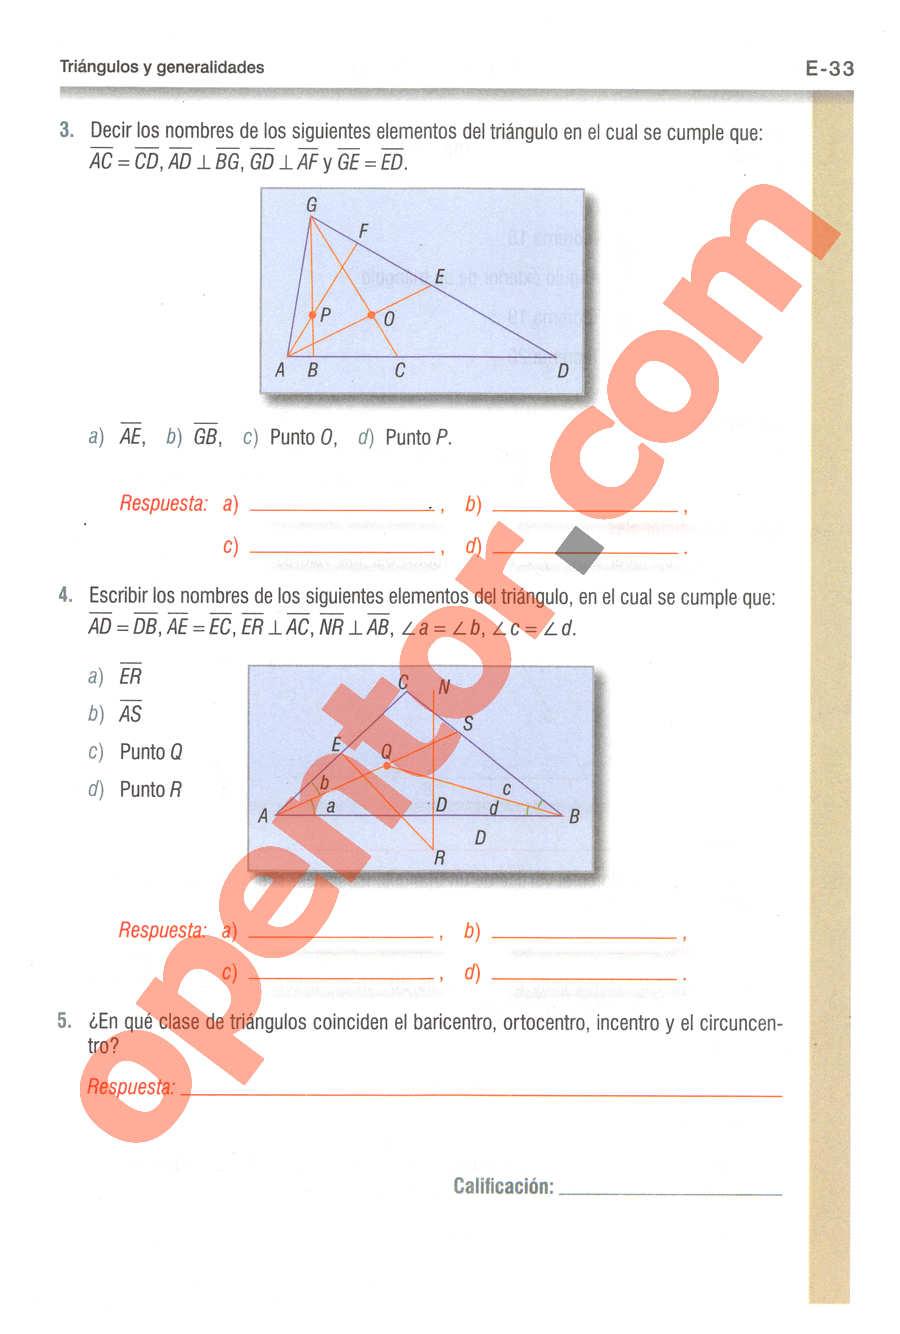 Geometría y Trigonometría de Baldor - Página E33